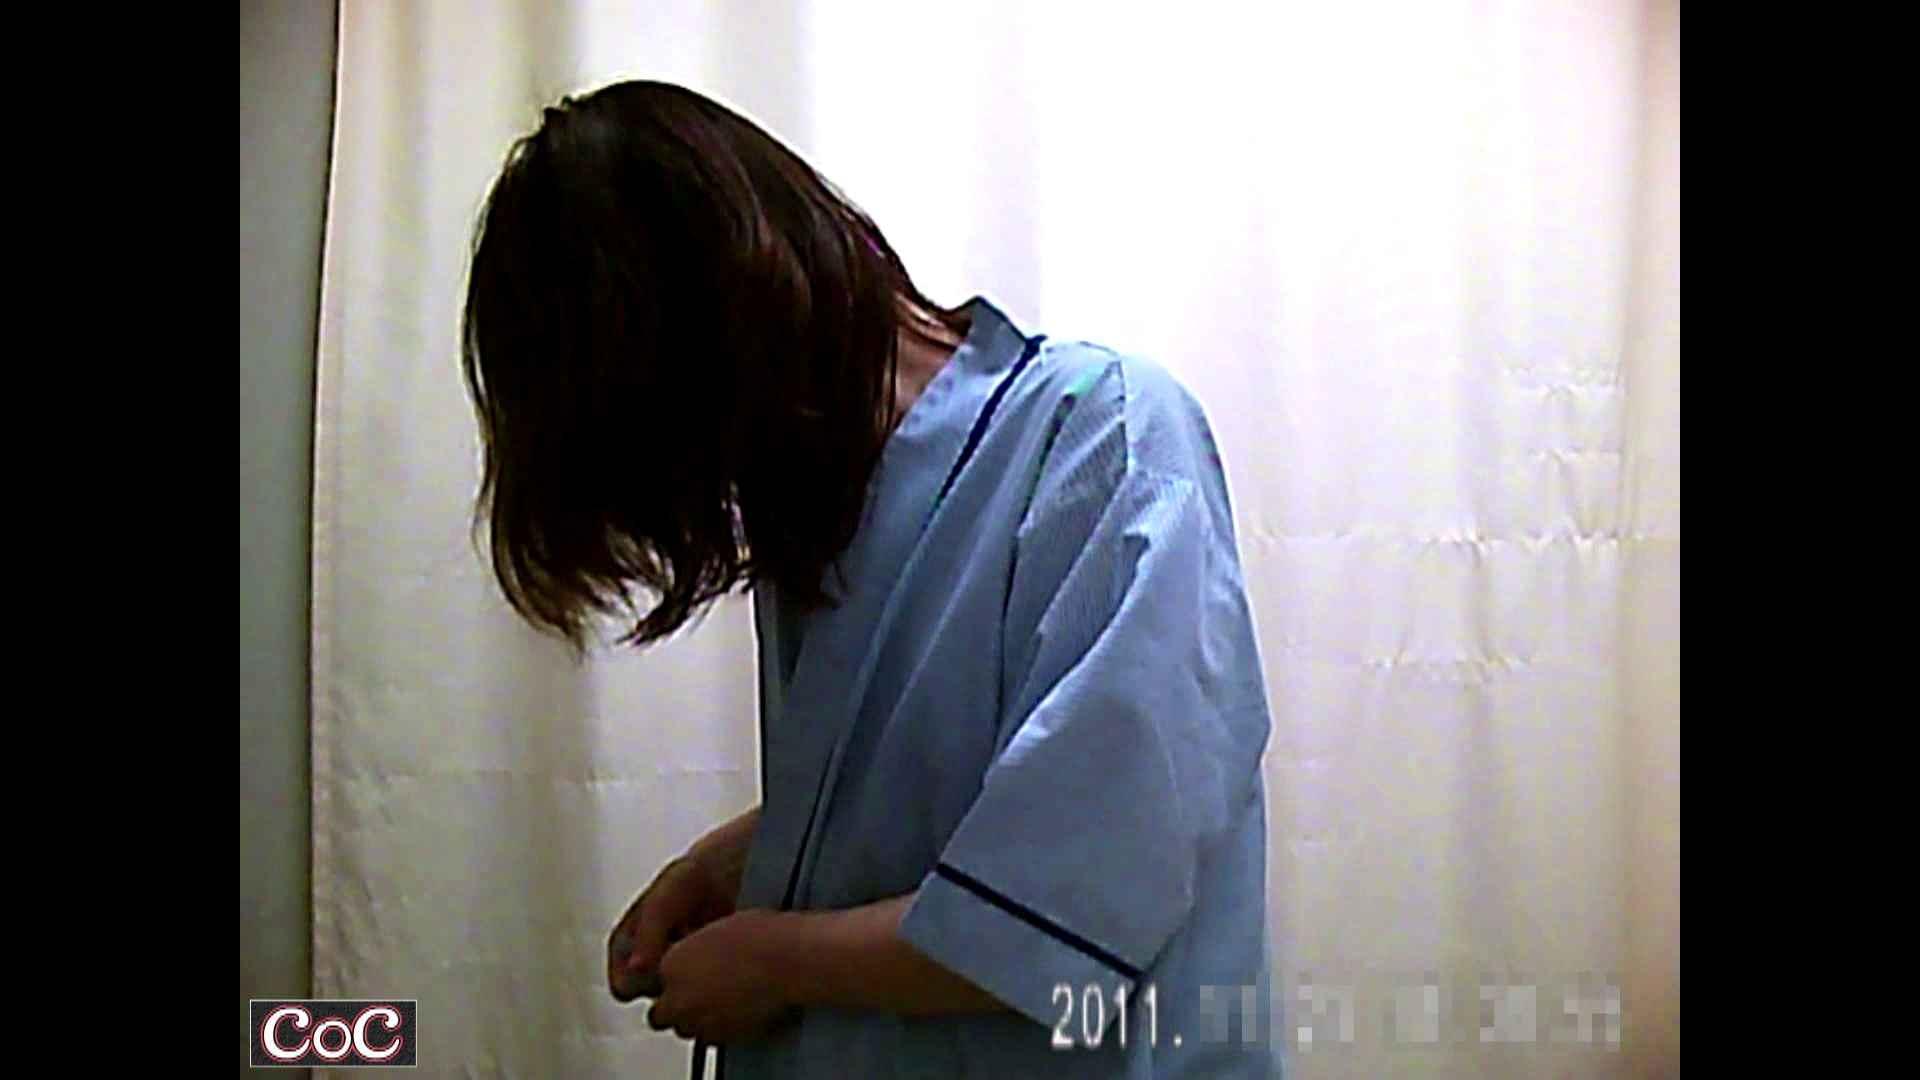 アダルトエロ動画|元医者による反抗 更衣室地獄絵巻 vol.192|怪盗ジョーカー